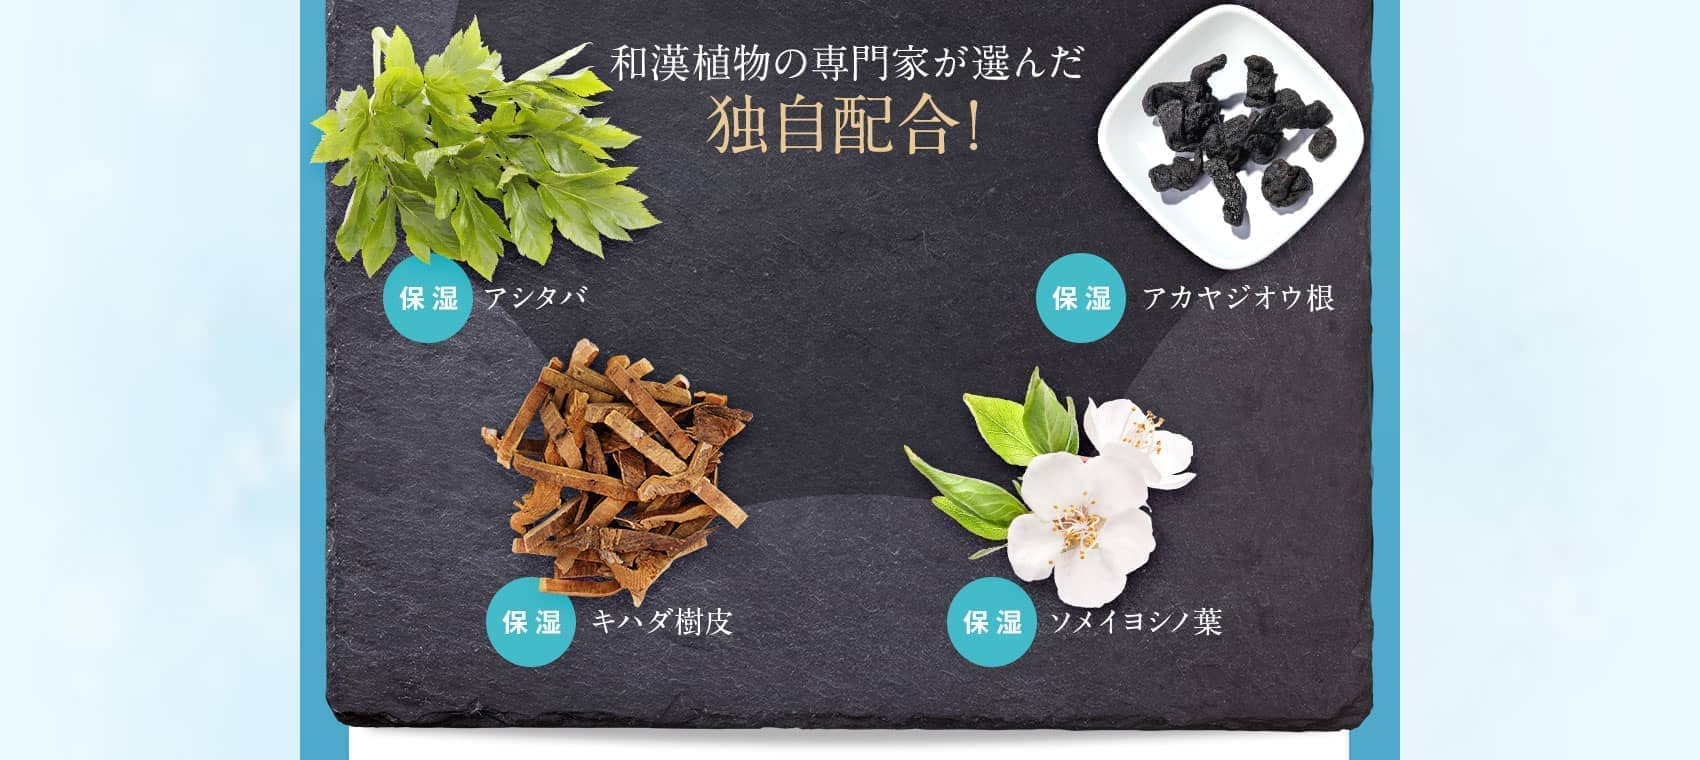 和漢植物の専門家が選んだ独自配合